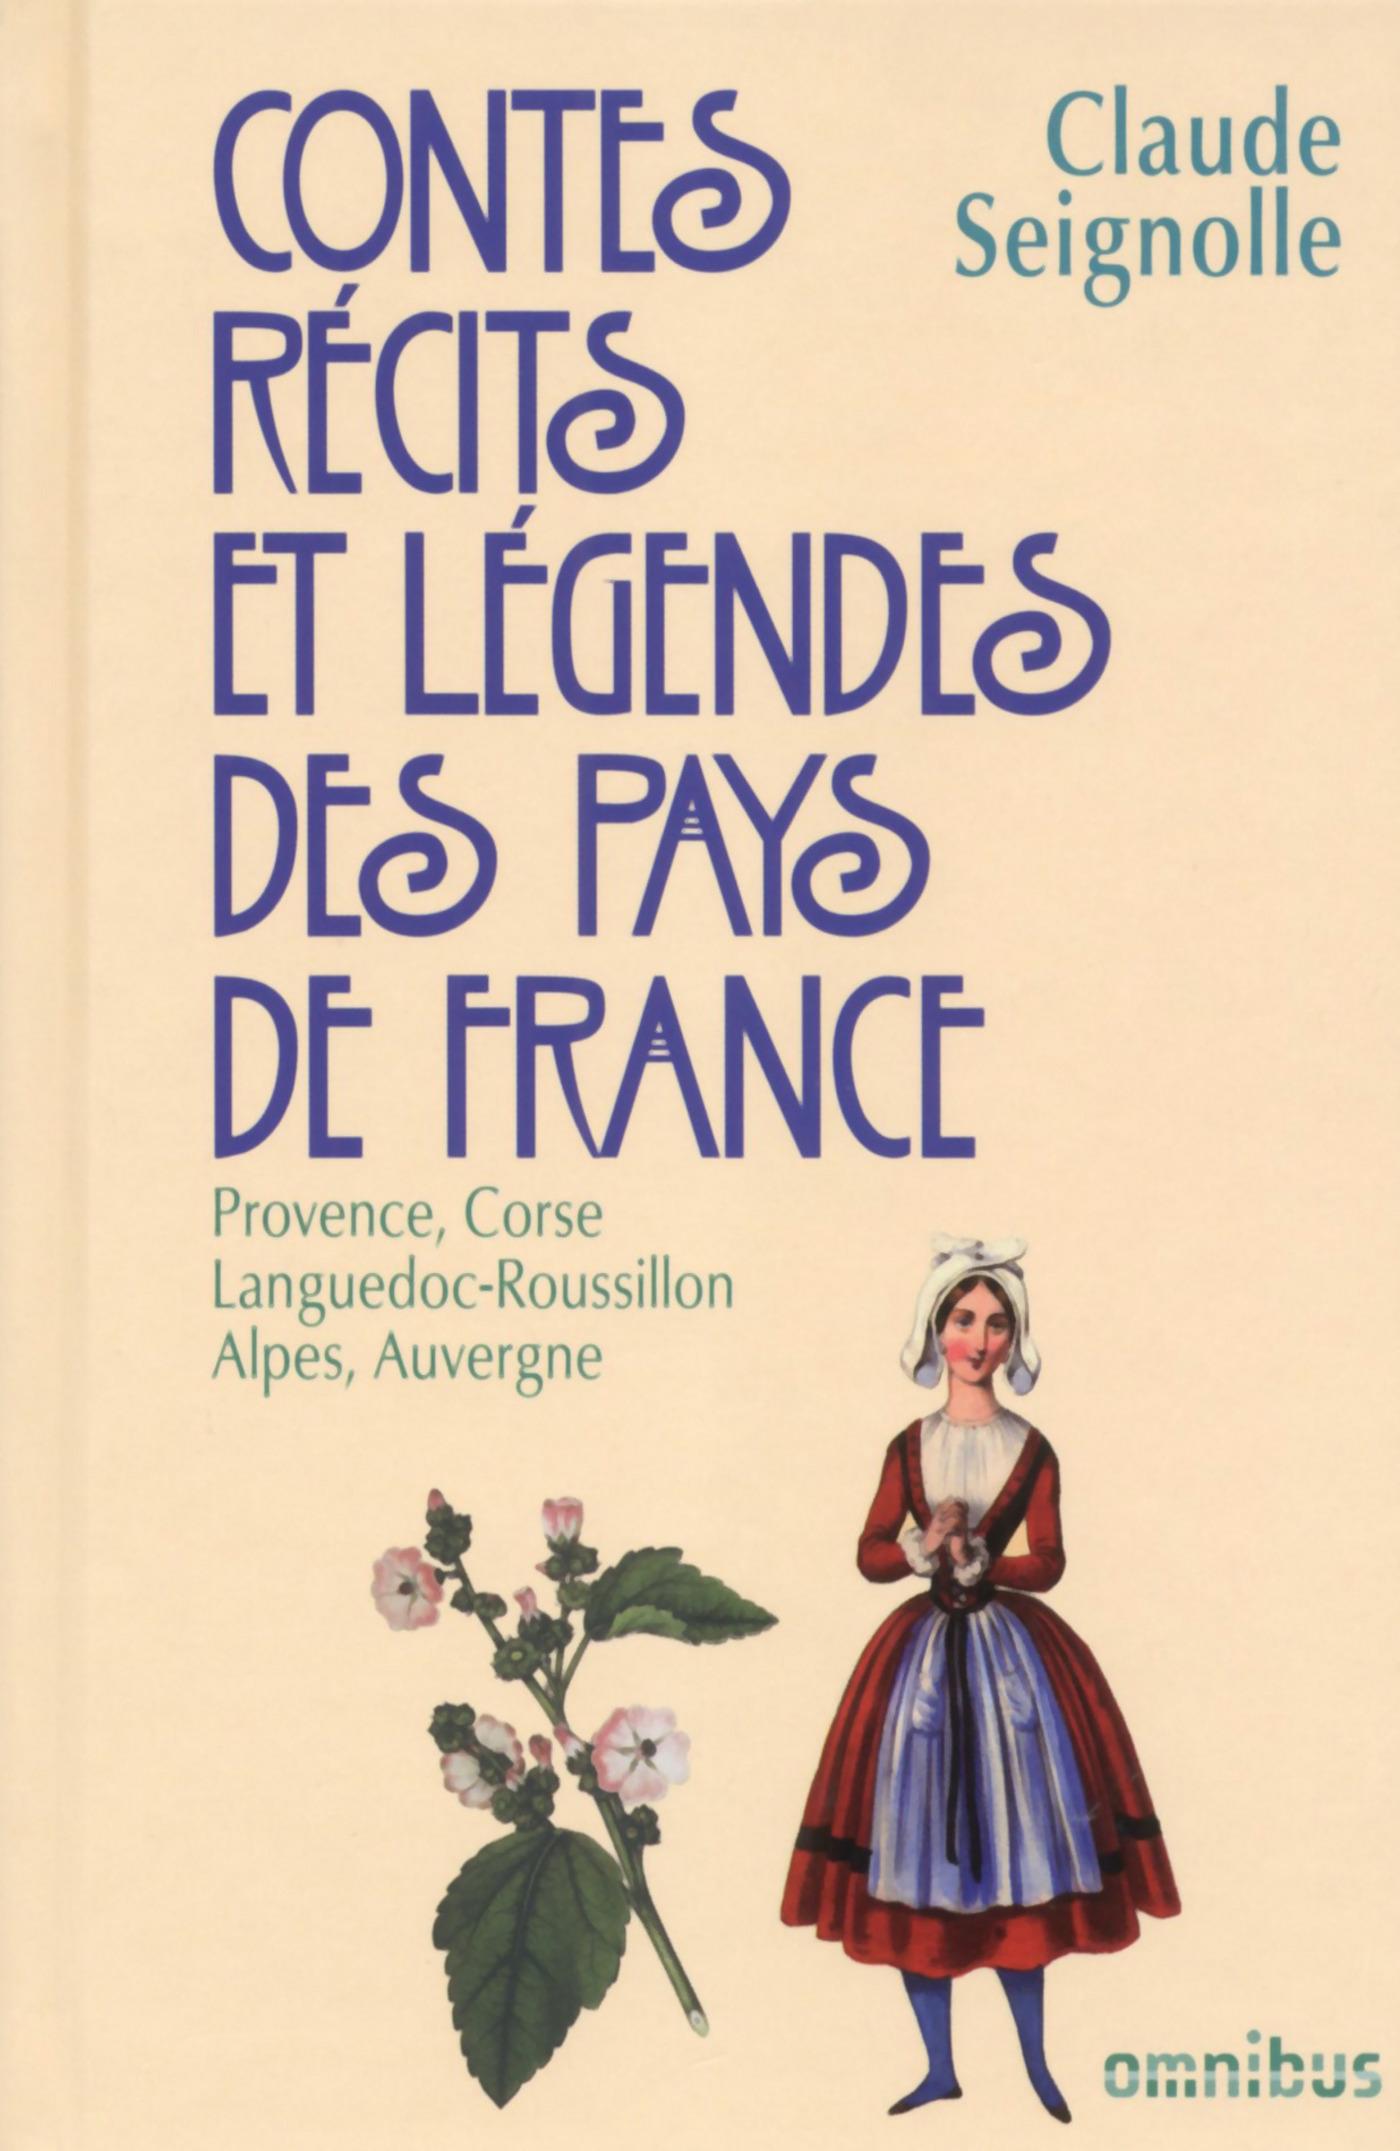 Contes, récits et légendes des pays de France 3 (ebook)